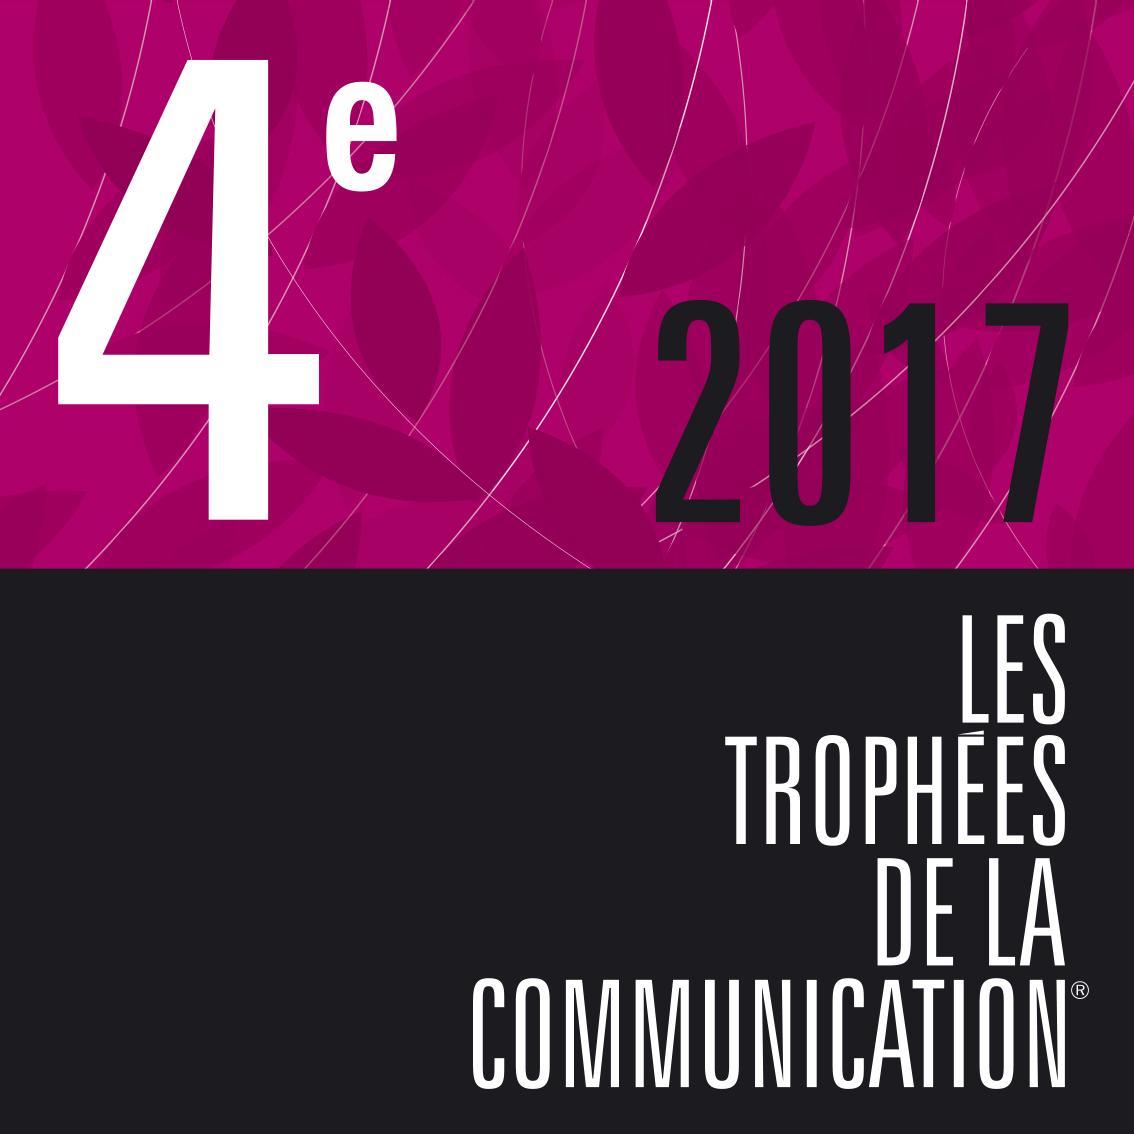 Visuel de la 4e place 2017 des trophées de la communication